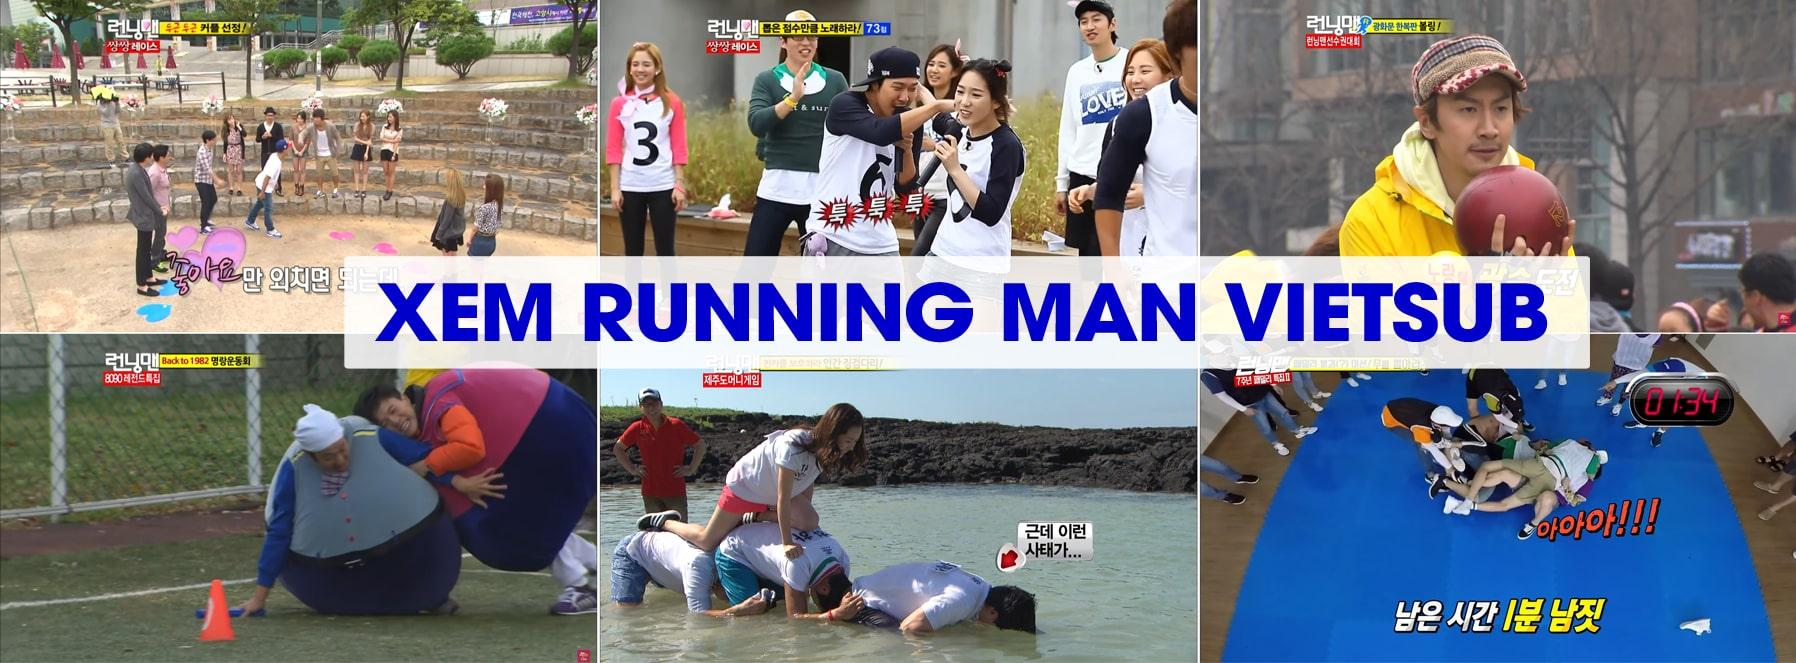 runningman-vietsub